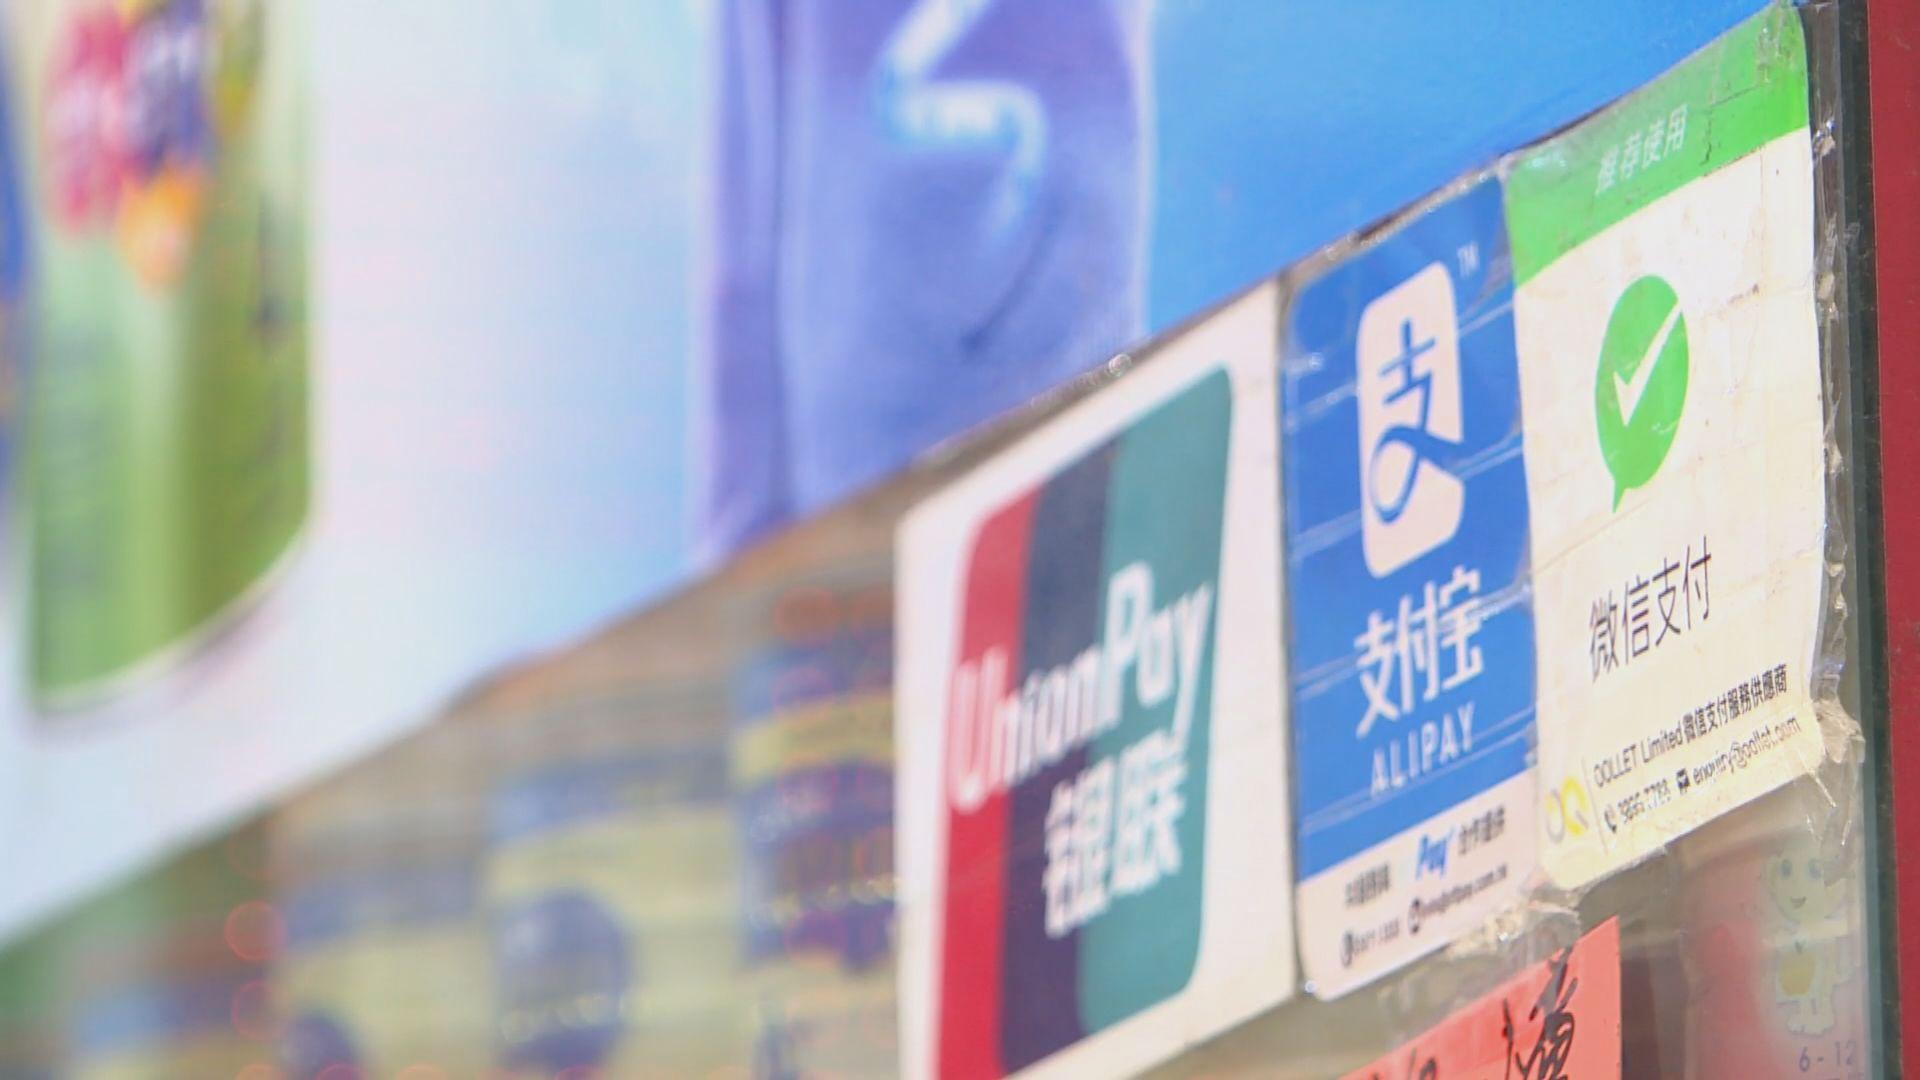 【消費券】有商戶指若豁免手續費會考慮安裝電子支付